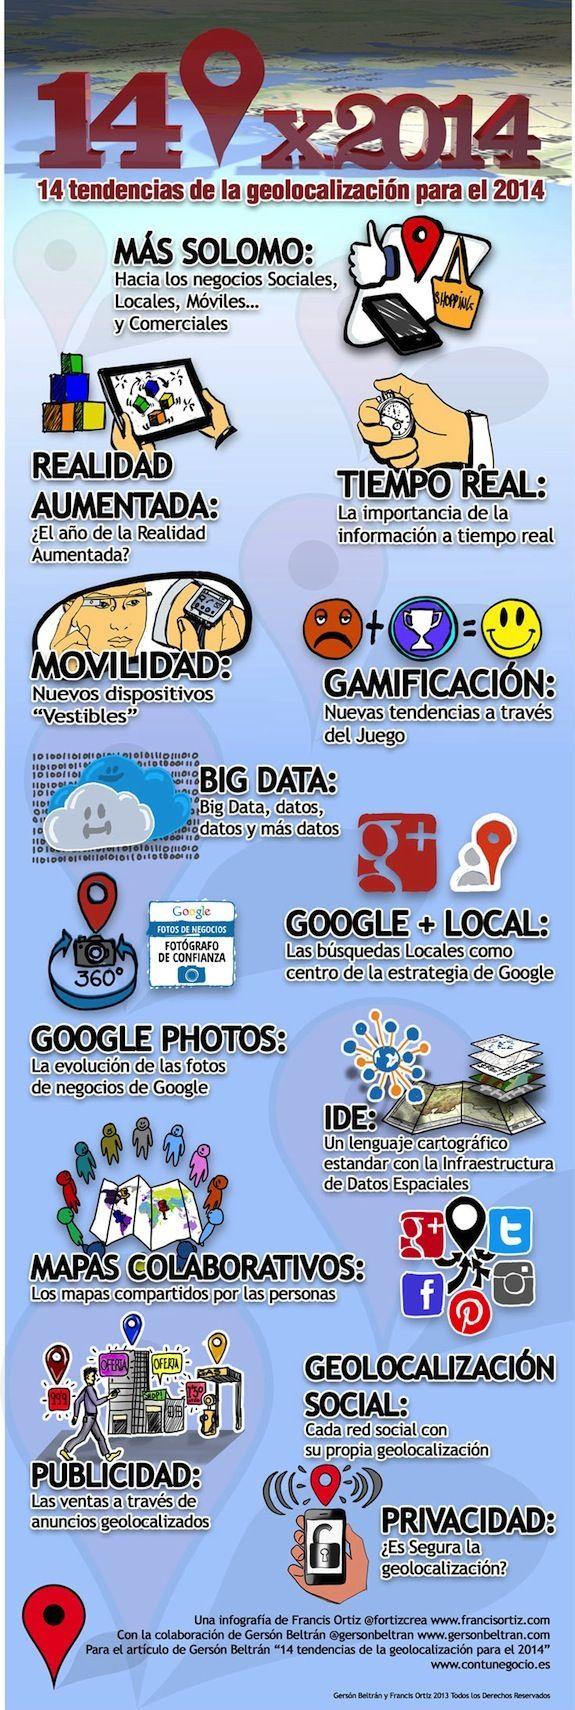 14 tendencias de geolocalización para 2014 vía: www.contunegocio.es #infografia #infographic #geolocalization